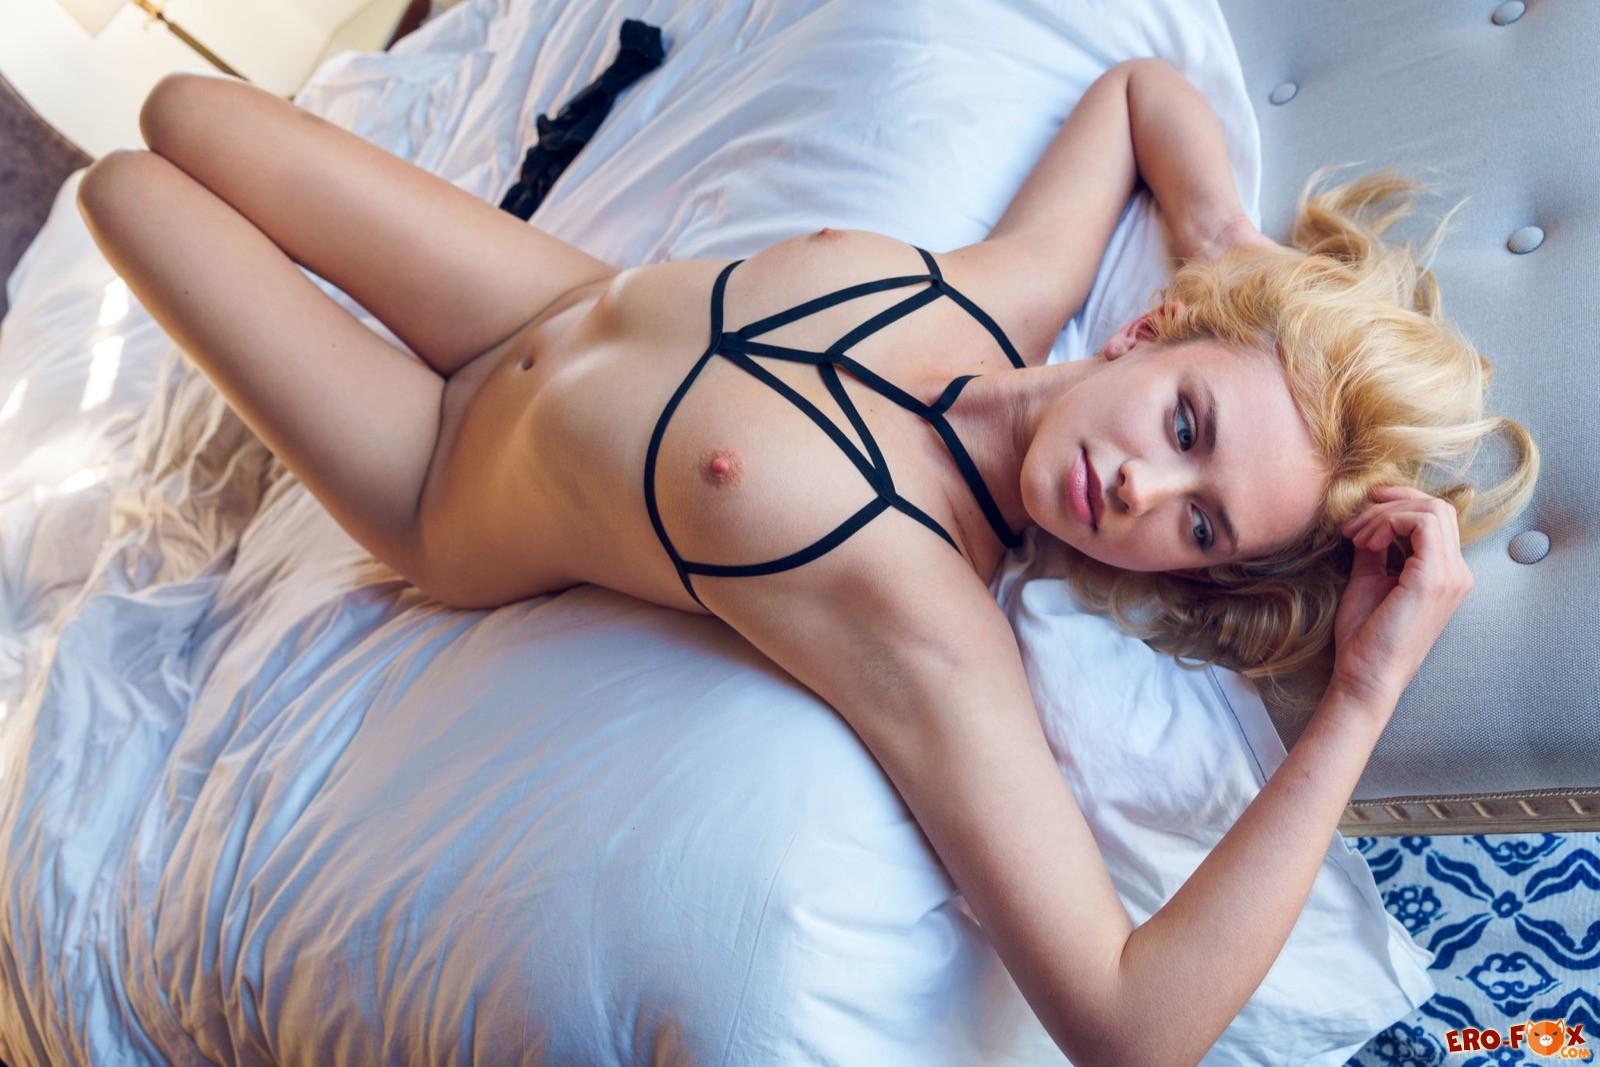 Блондиночка в эротичном бельё с сексуальным телом  - фото